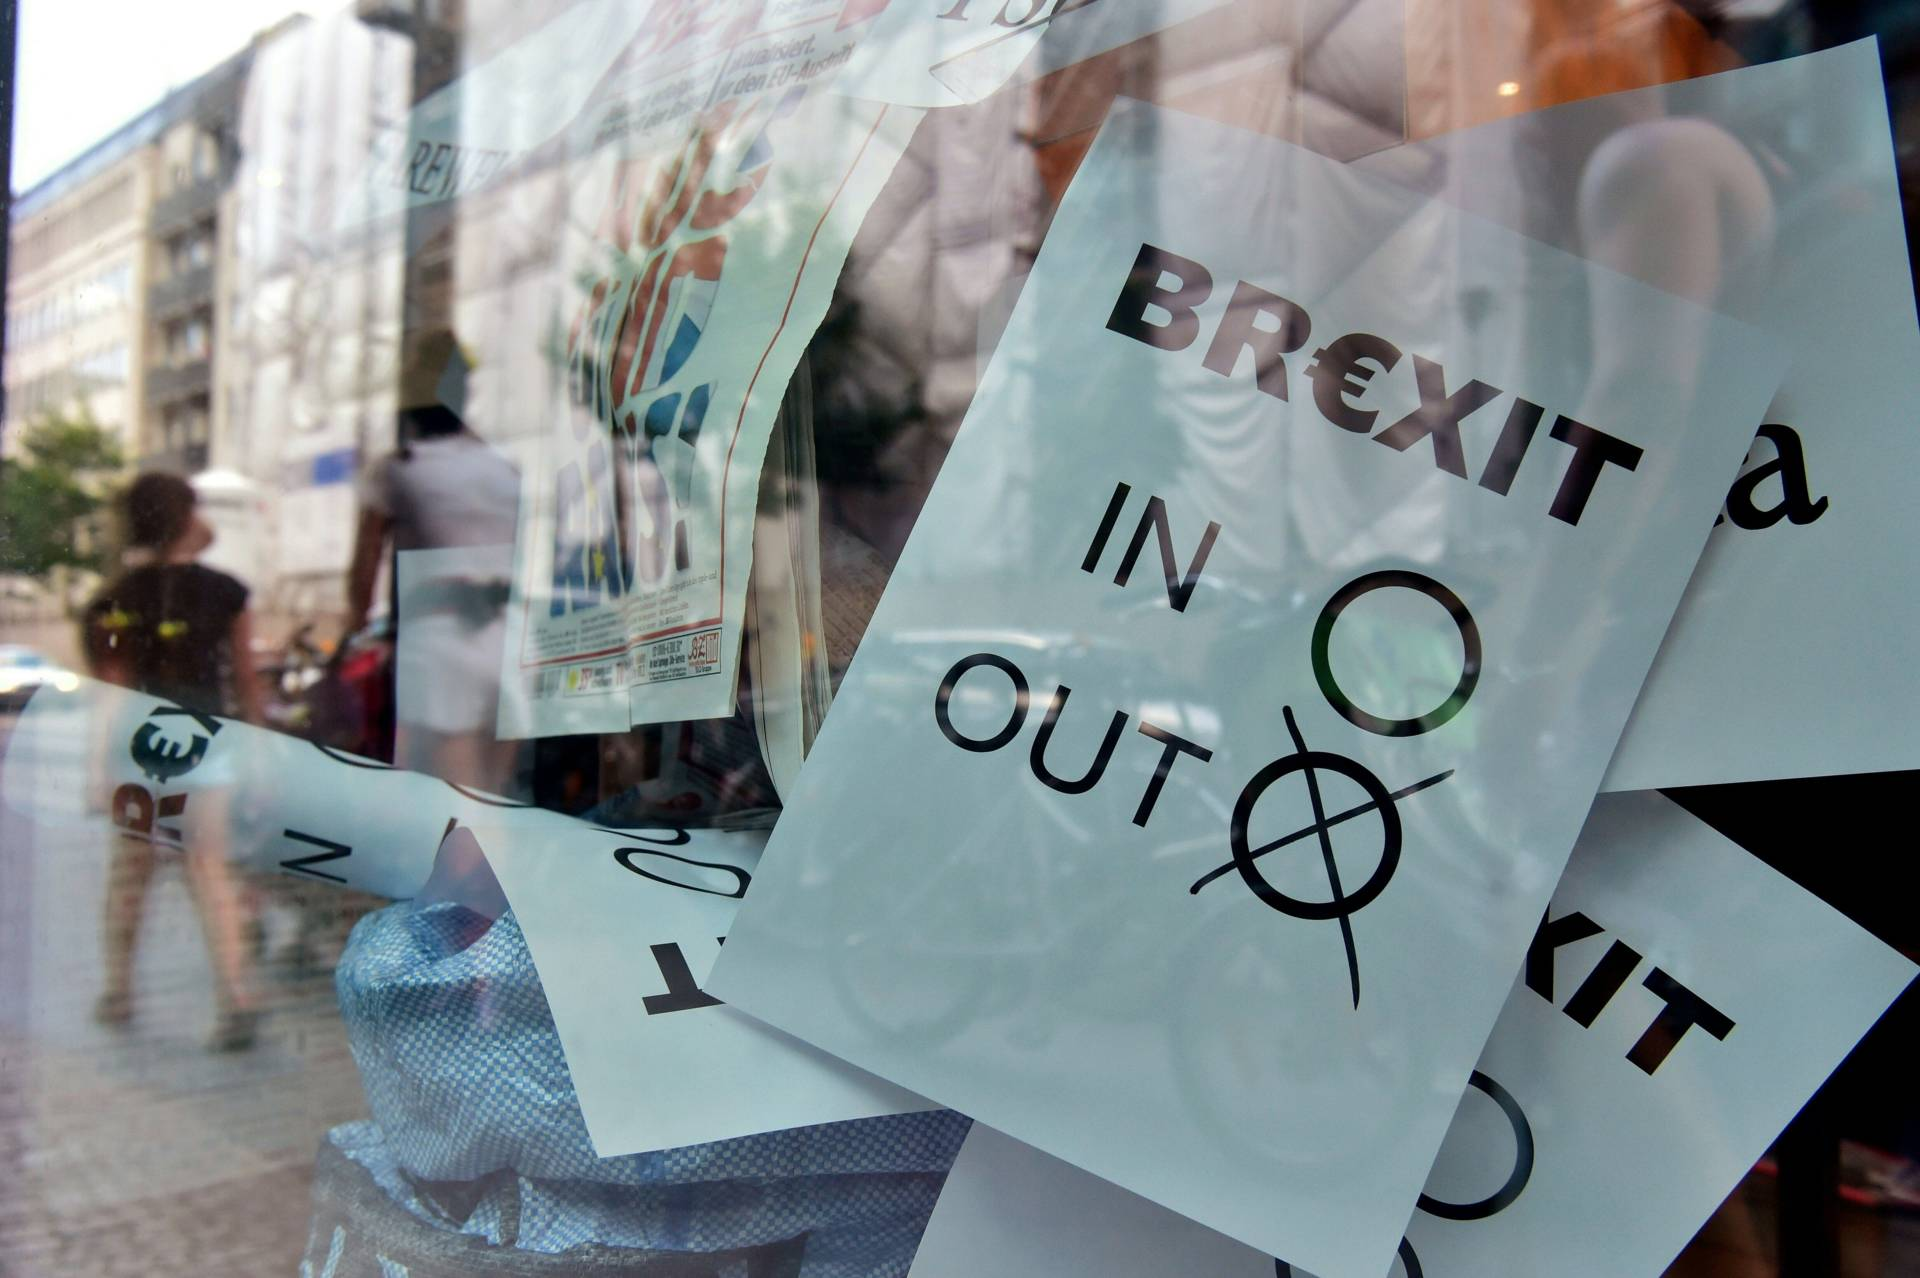 Britain's EU Exit: What Comes Next?